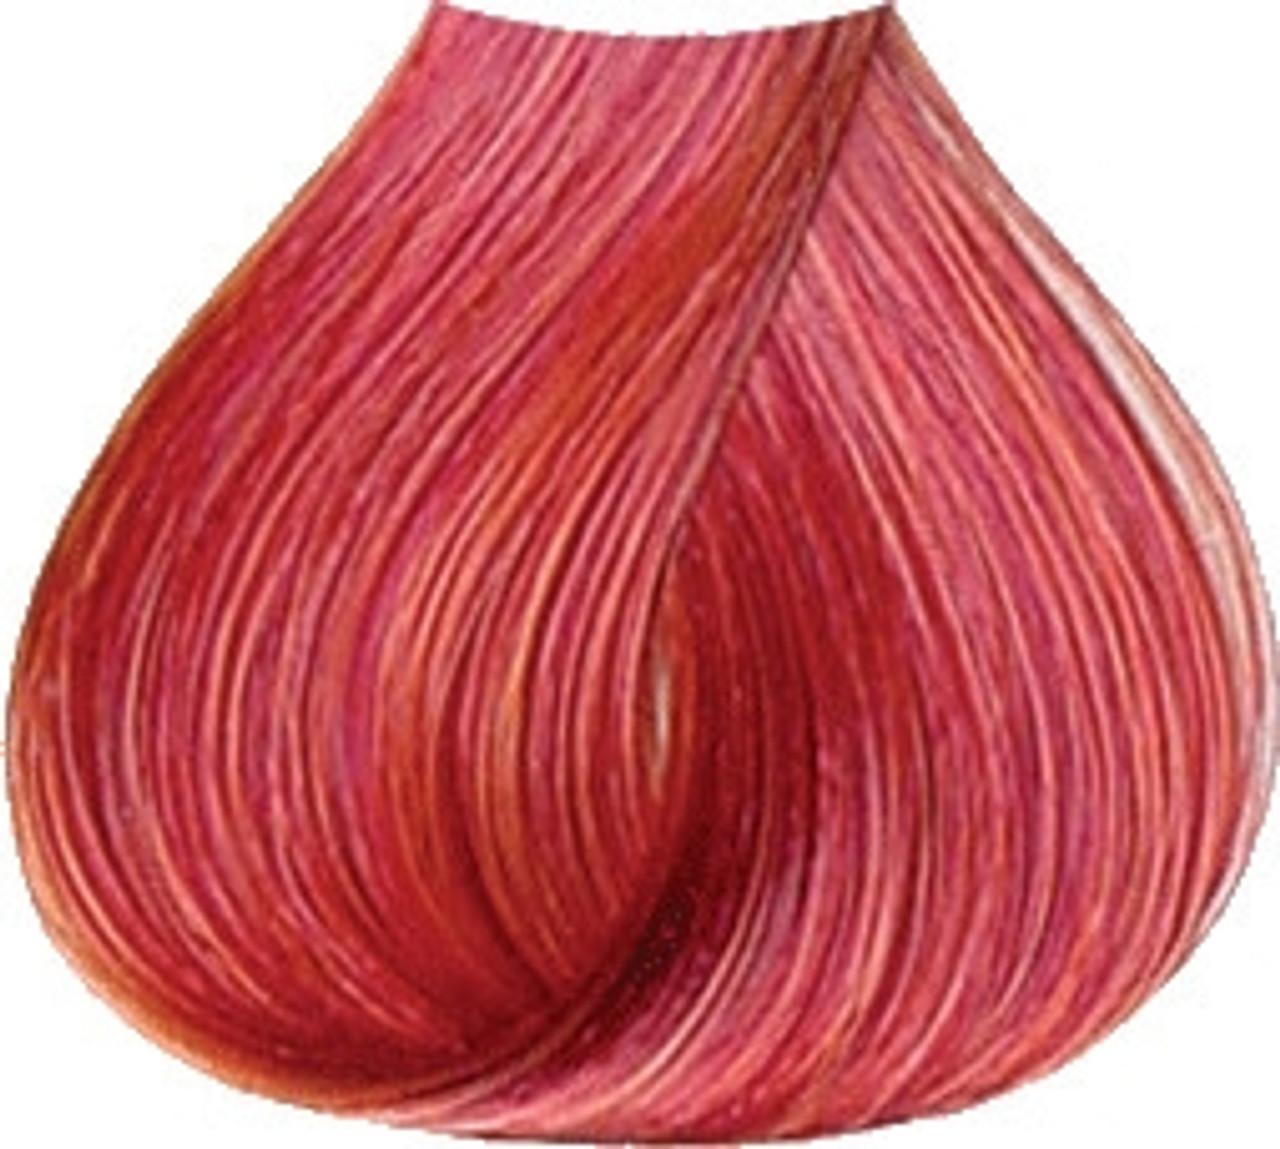 Satin Hair Color - Red Copper - 4CV Copper Violet Chestnut